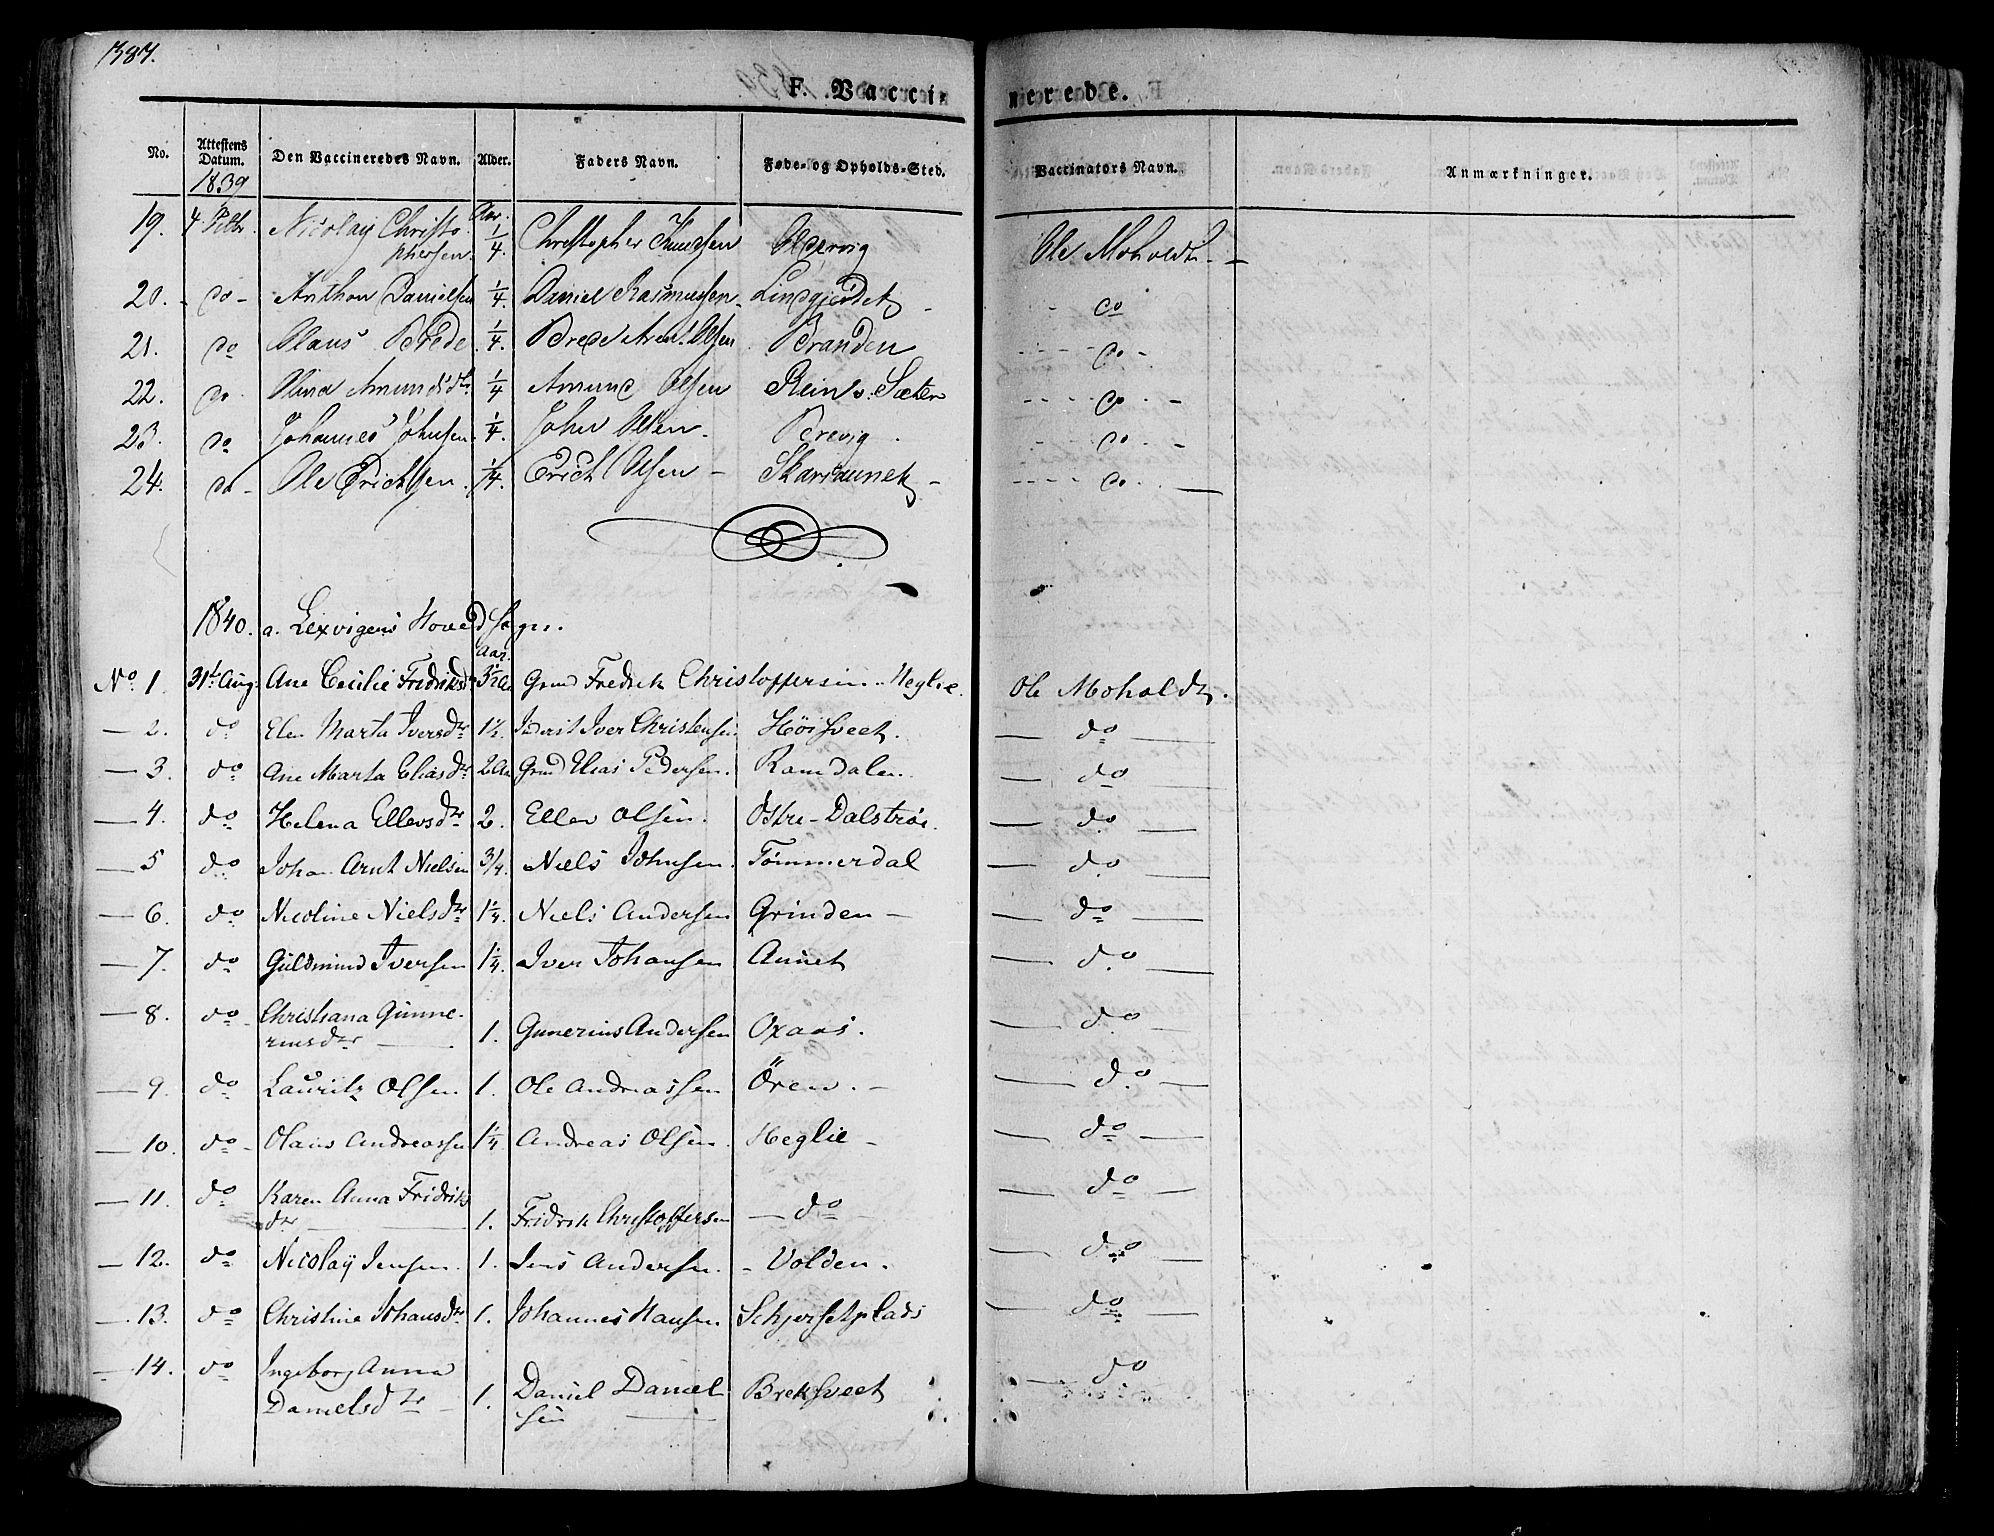 SAT, Ministerialprotokoller, klokkerbøker og fødselsregistre - Nord-Trøndelag, 701/L0006: Ministerialbok nr. 701A06, 1825-1841, s. 387